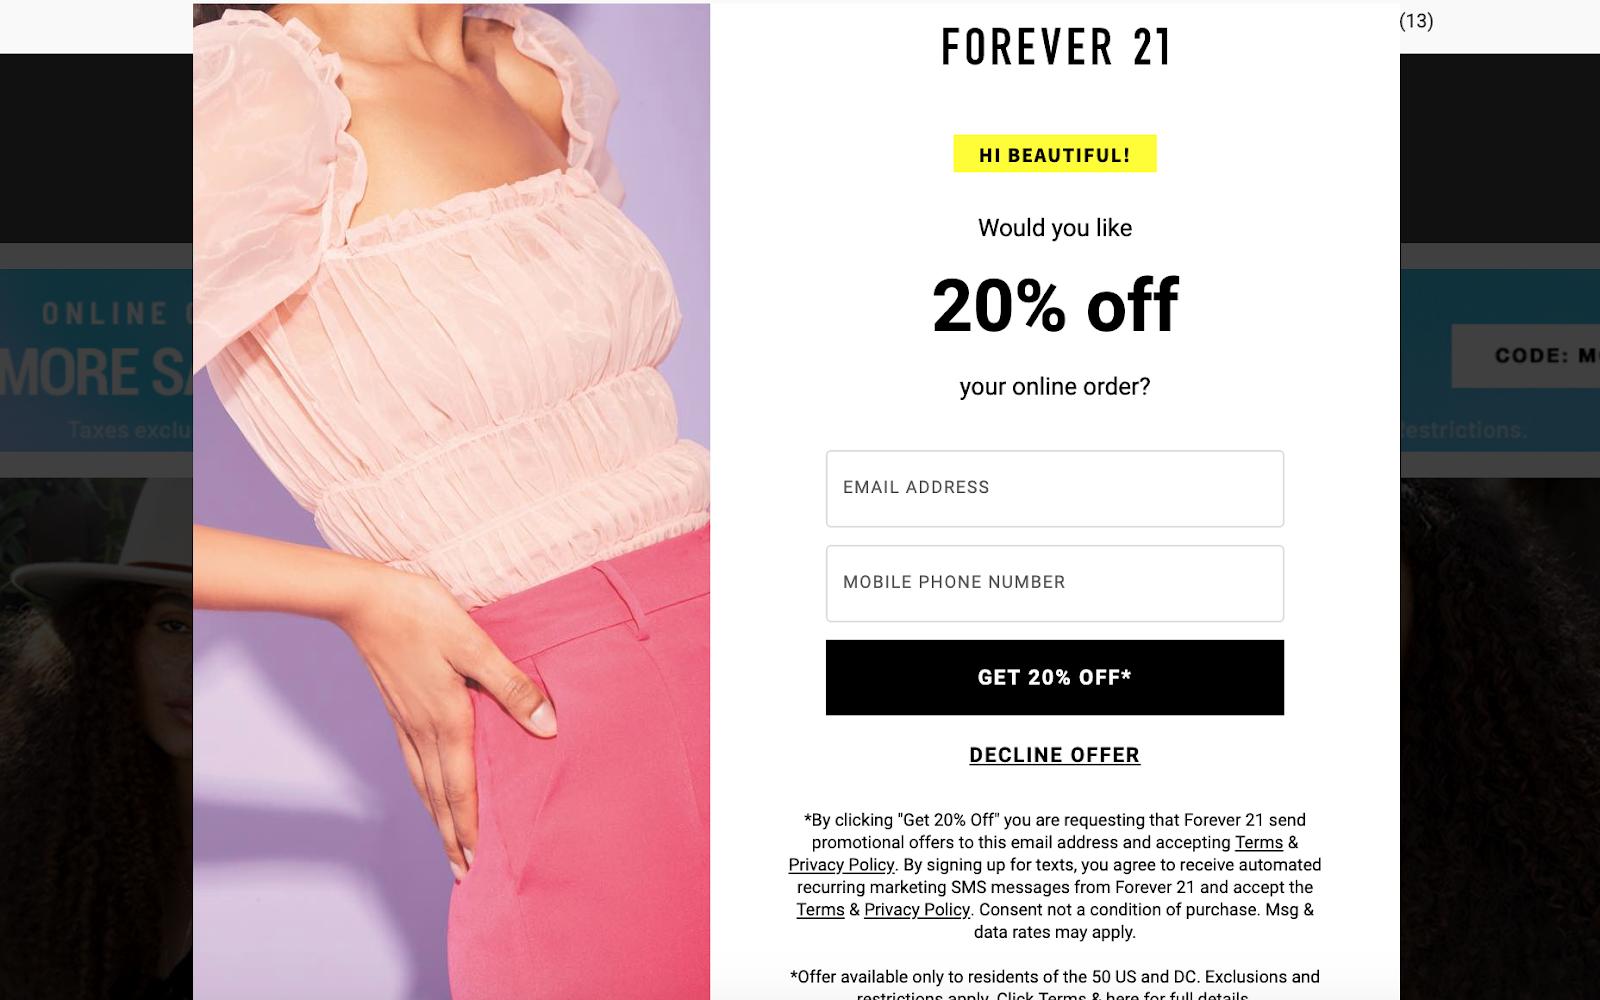 Forever 21 CTA